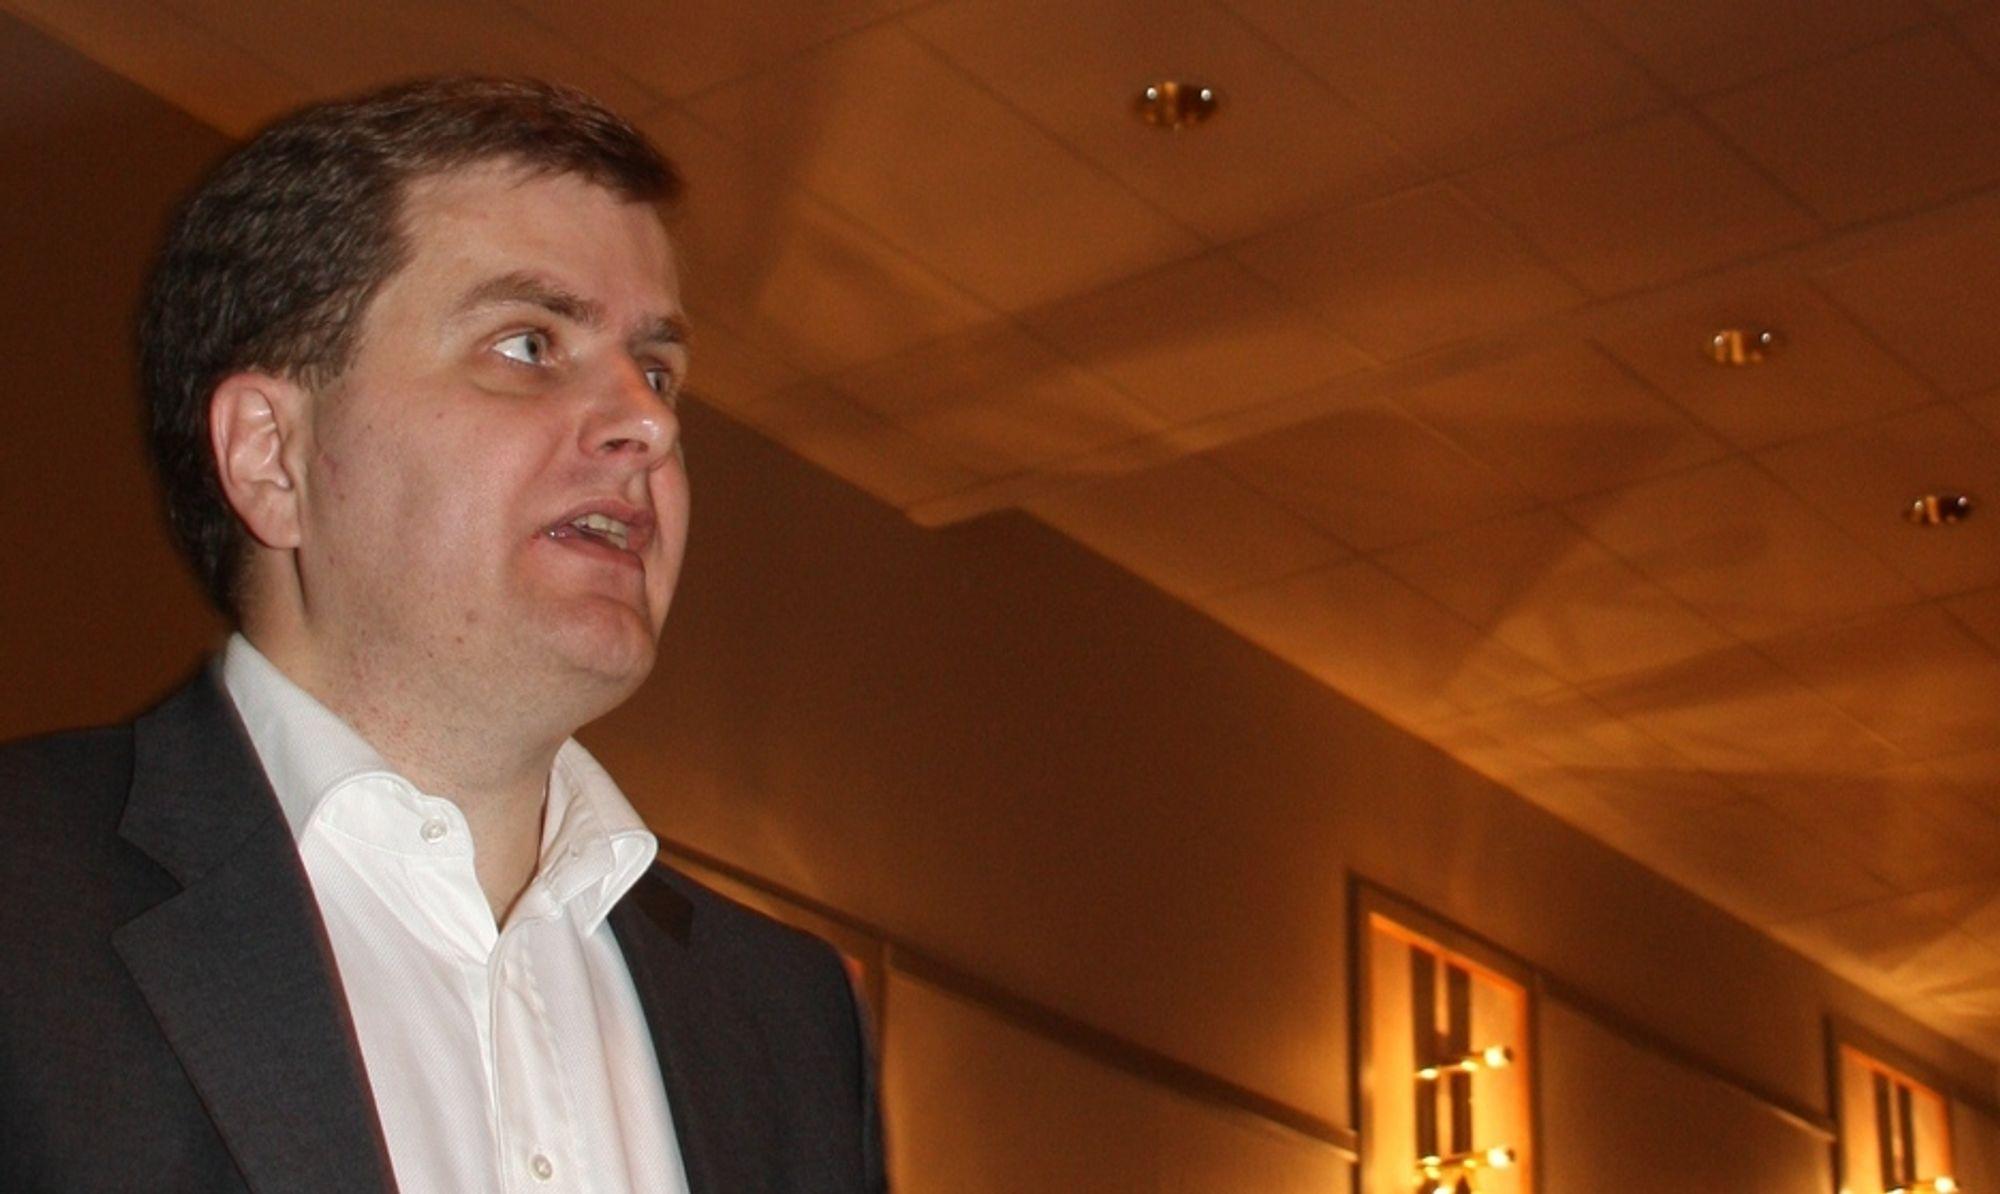 VANSKELIG: Direktør for bedriftsløsninger Trond Skjellerud hos Umoe IKT medgir at det er vanskelig å finne folk som er gode til å bygge gode samhandlingsløsninger.